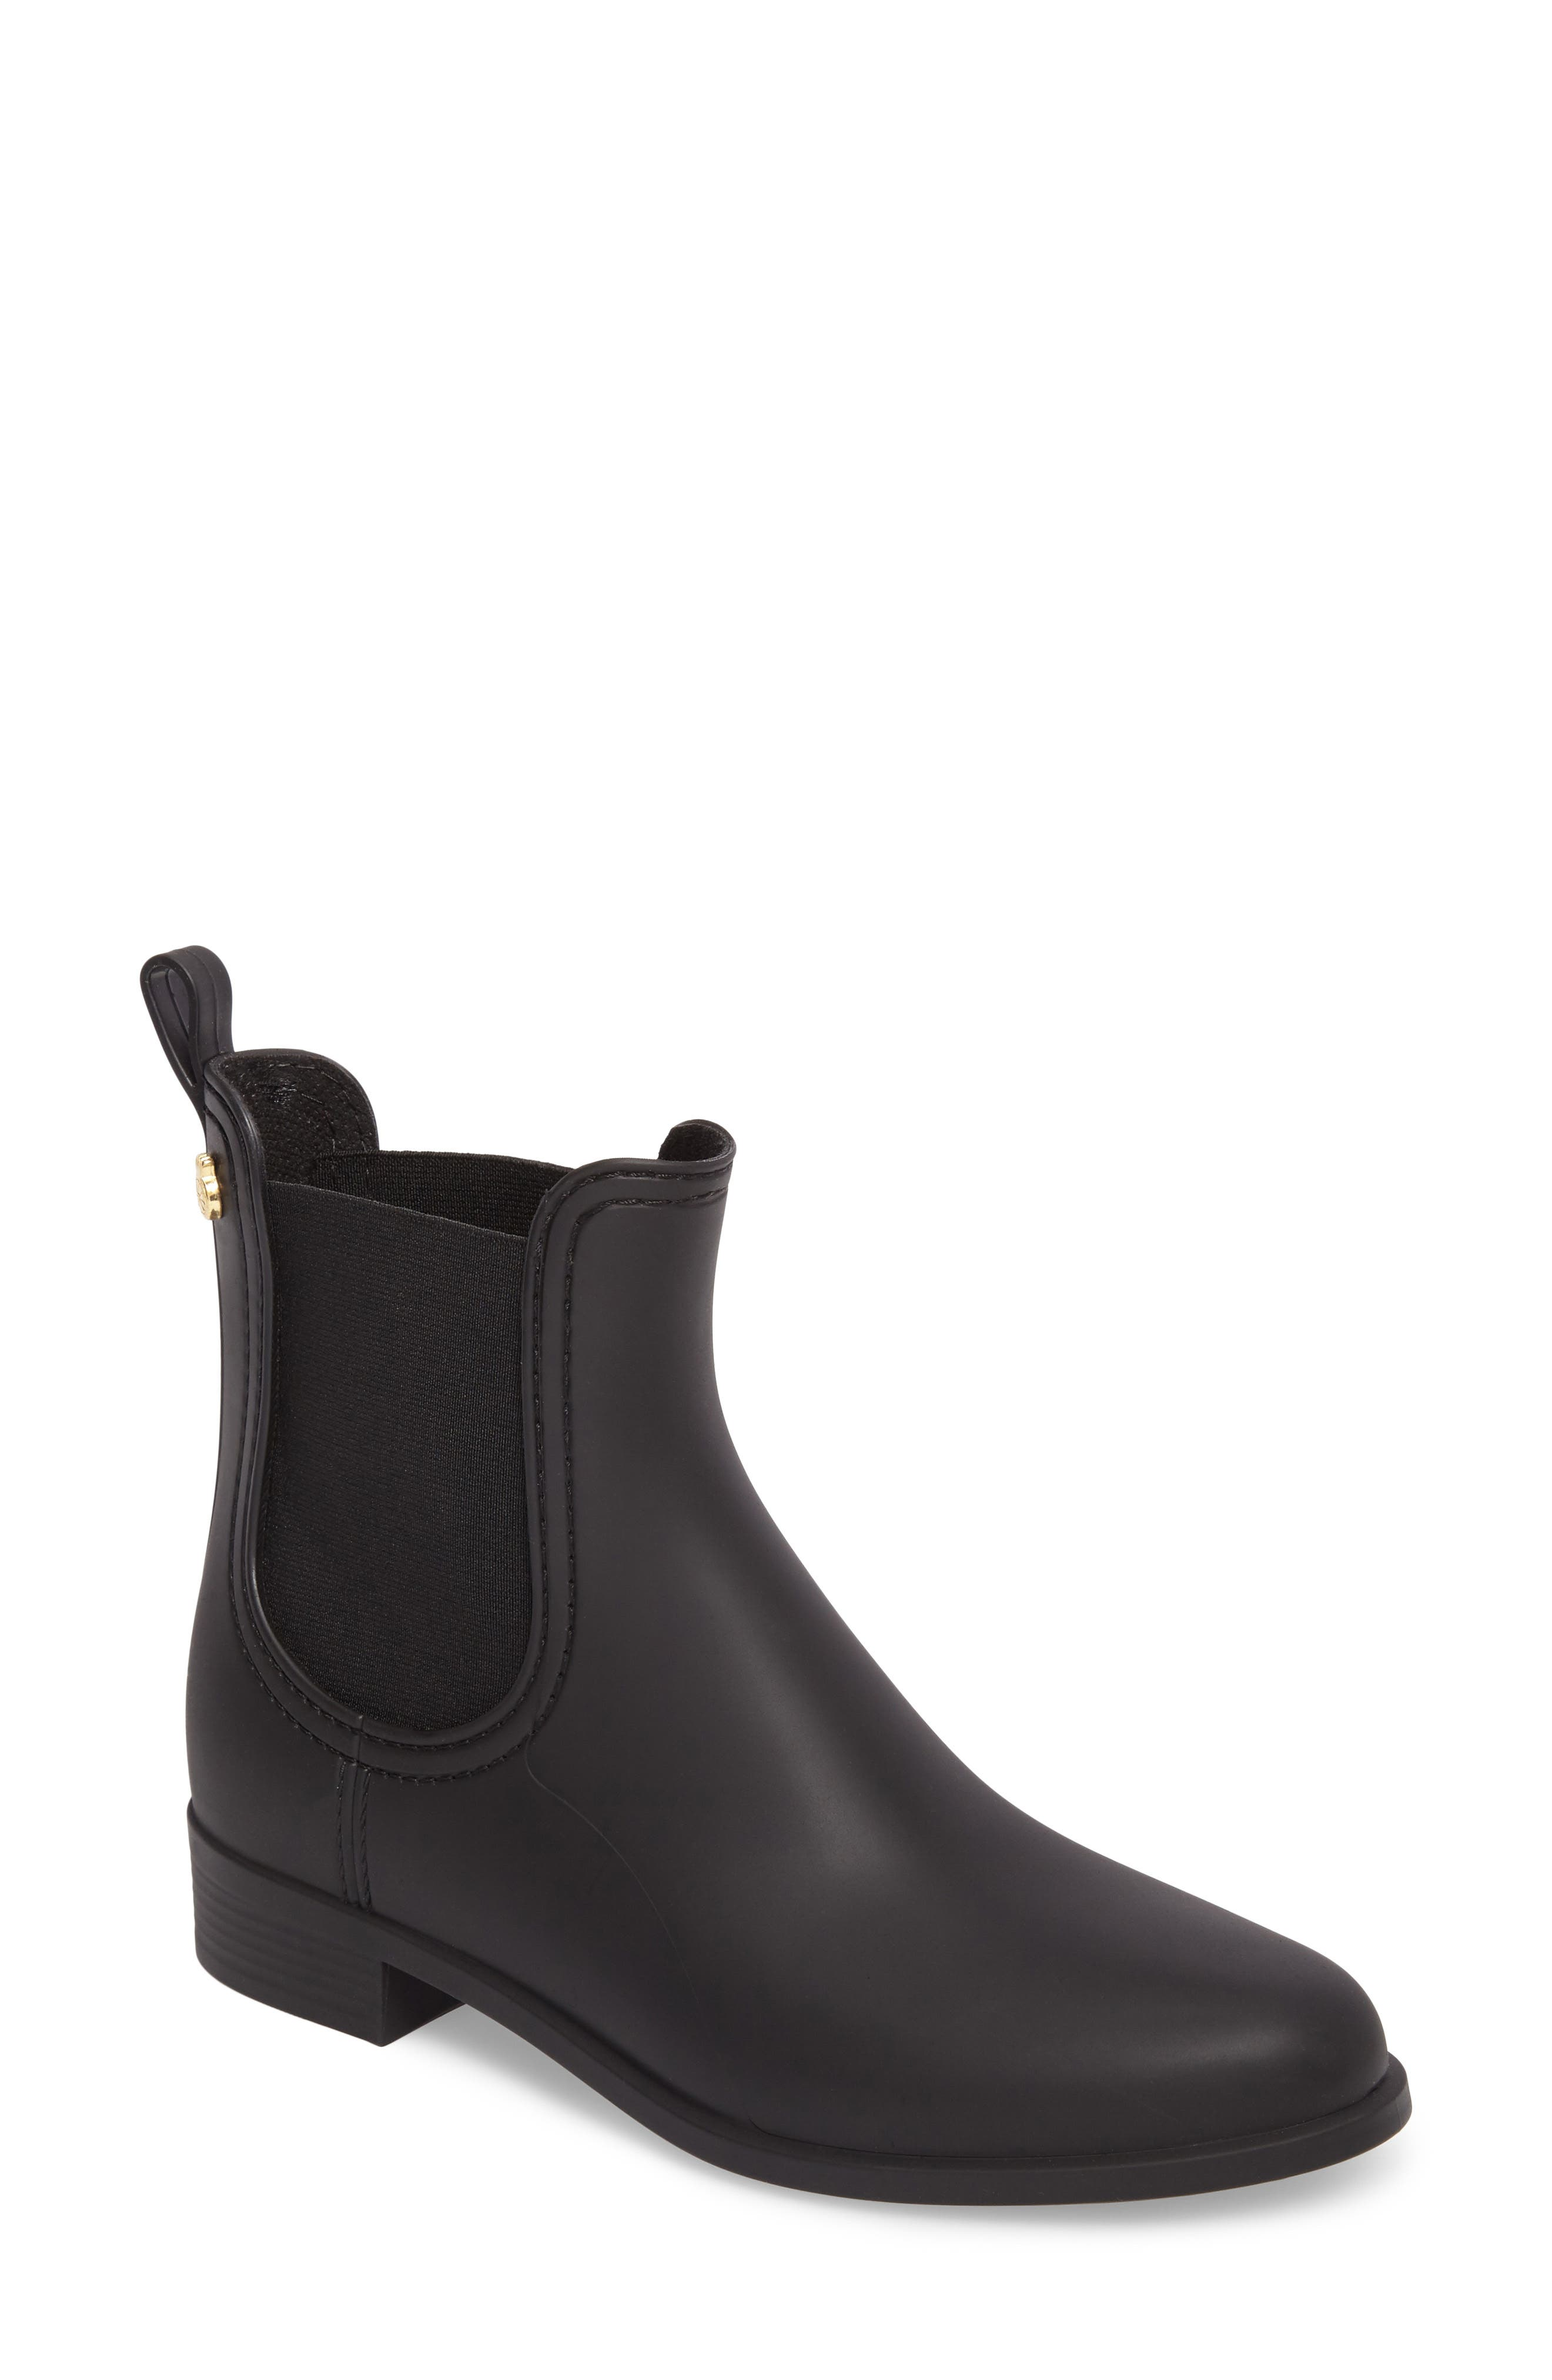 Splash Waterproof Chelsea Boot,                             Main thumbnail 1, color,                             002